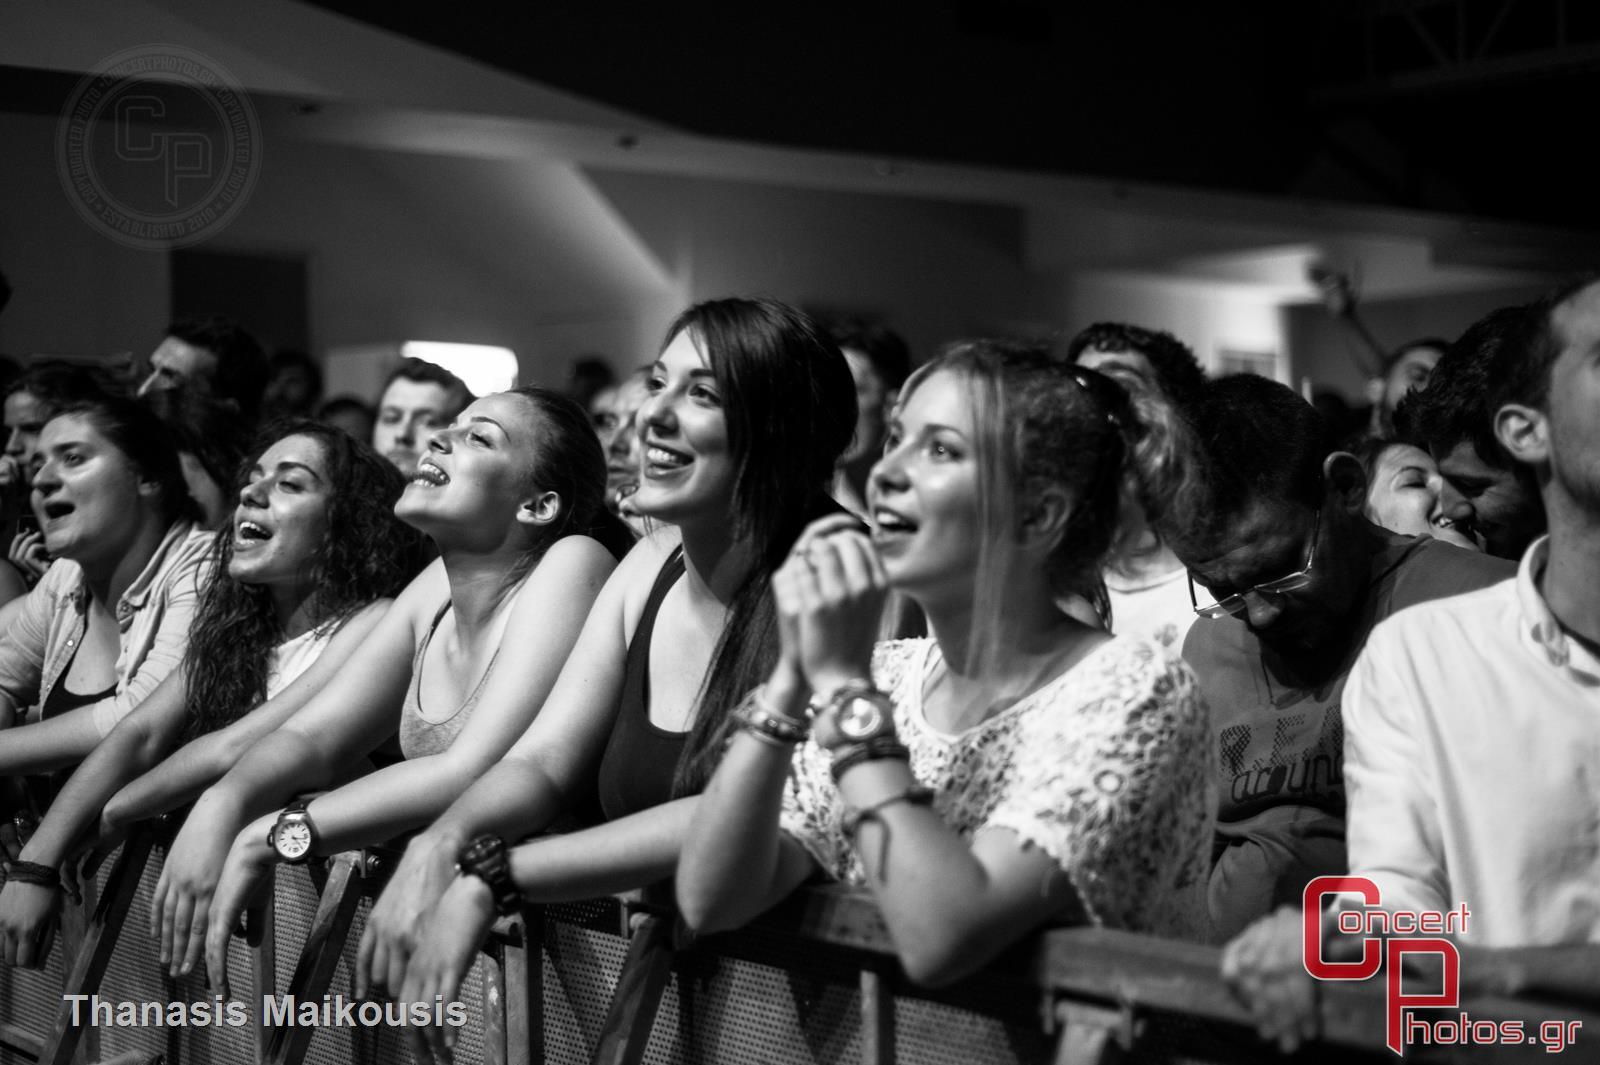 Παύλος Παυλίδης-Pavlidis-stage-volume1 photographer: Thanasis Maikousis - concertphotos_20140611_22_59_54